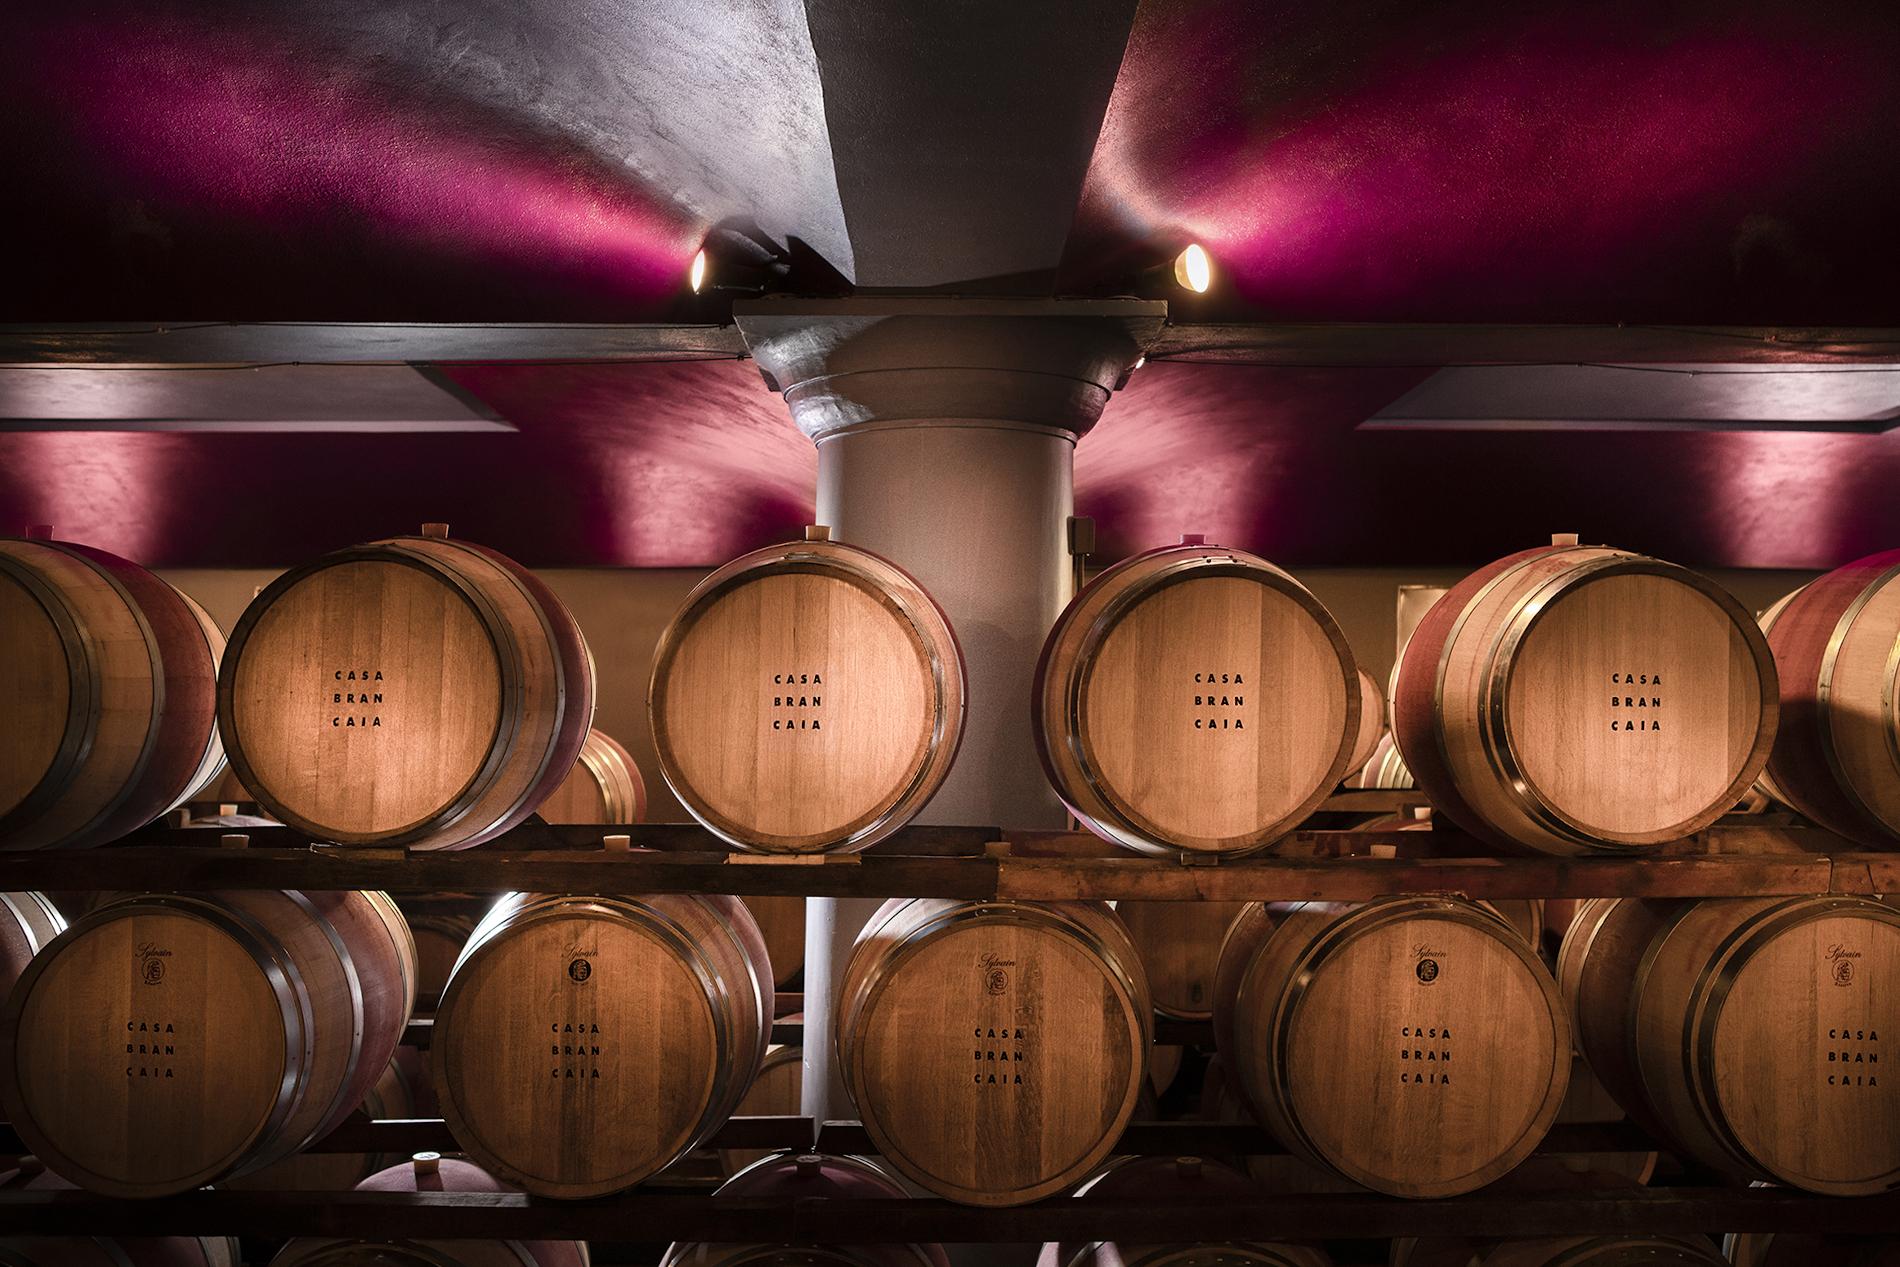 Brancaia Winery